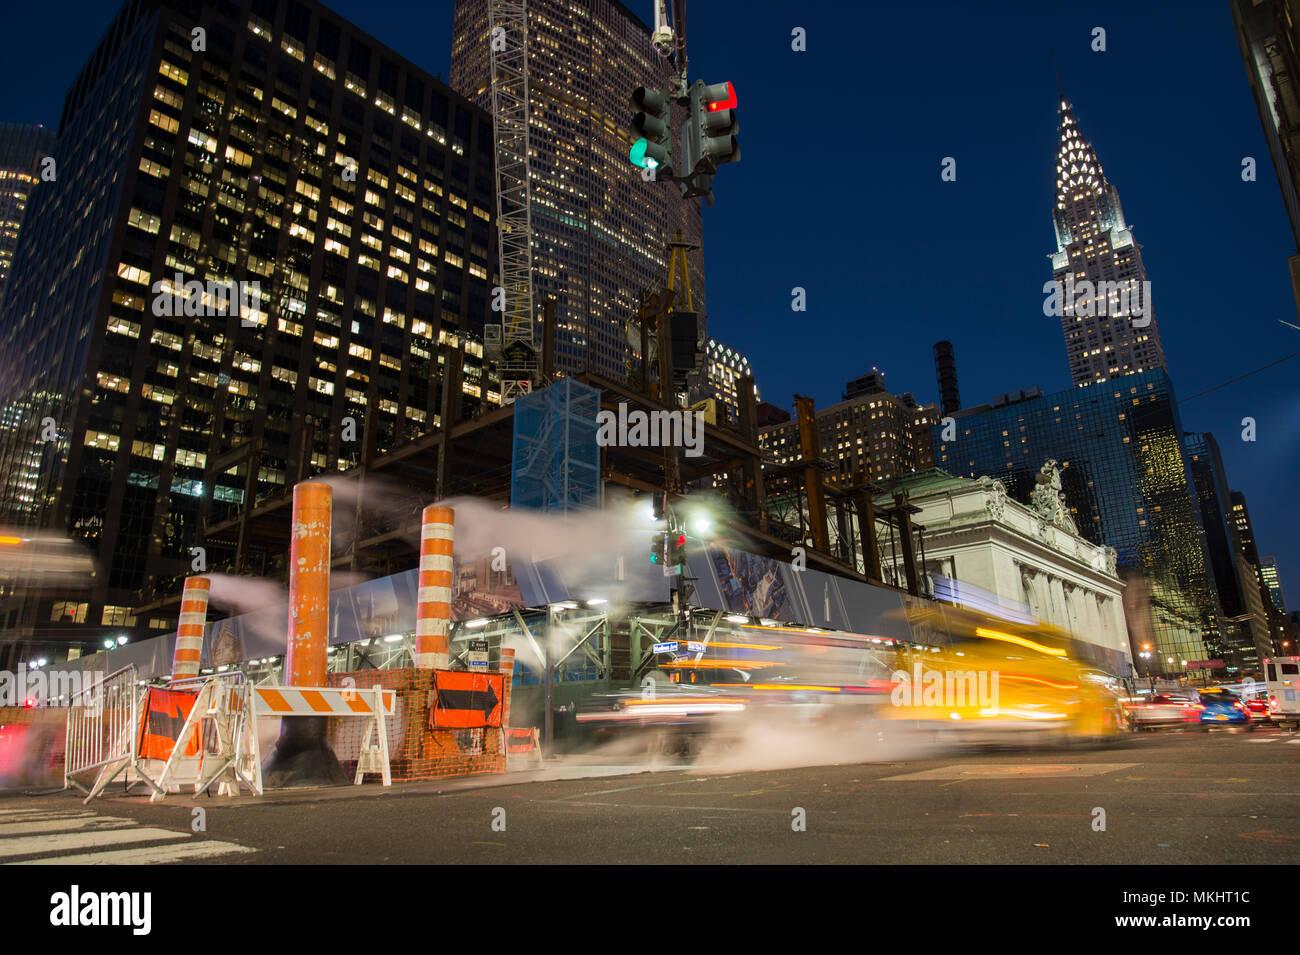 Nueva York - USA - 31 de octubre de 2017 - foto de larga exposición de coches cruzar una intersección en la Ciudad de Nueva York, mientras que el vapor que sale de la boca del recipiente. Foto de stock